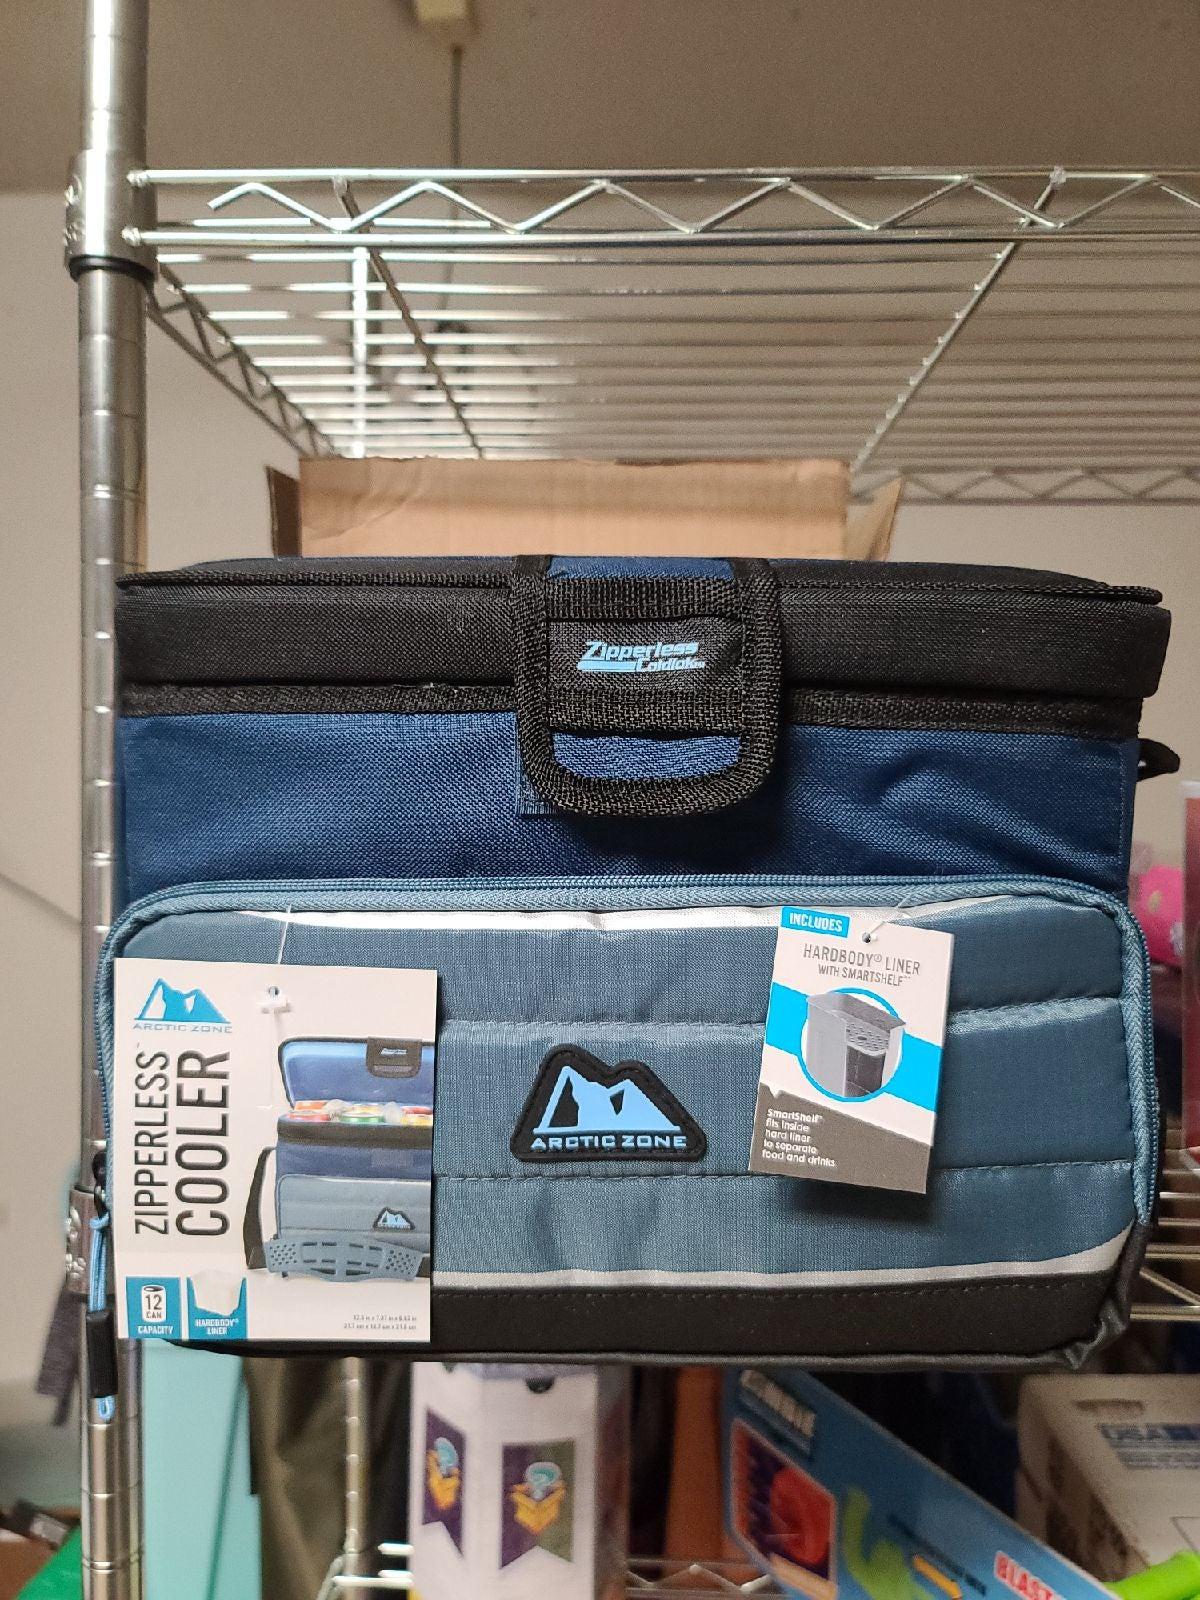 Artic Zone Zipperless Cooler